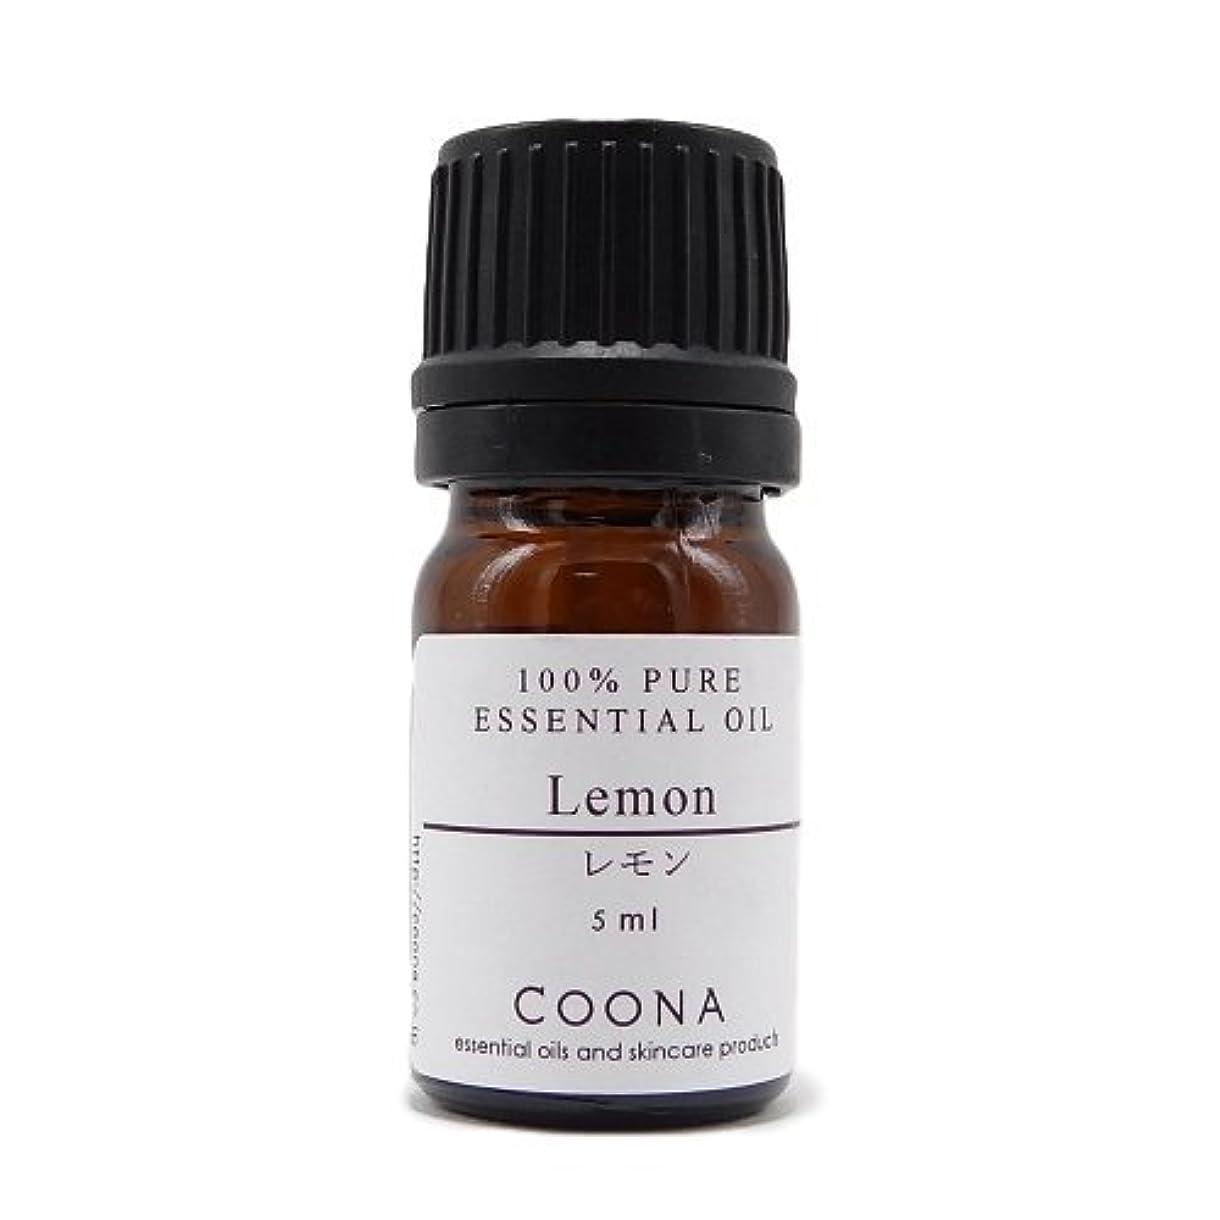 リア王断言するスクリューレモン 5 ml (COONA エッセンシャルオイル アロマオイル 100%天然植物精油)